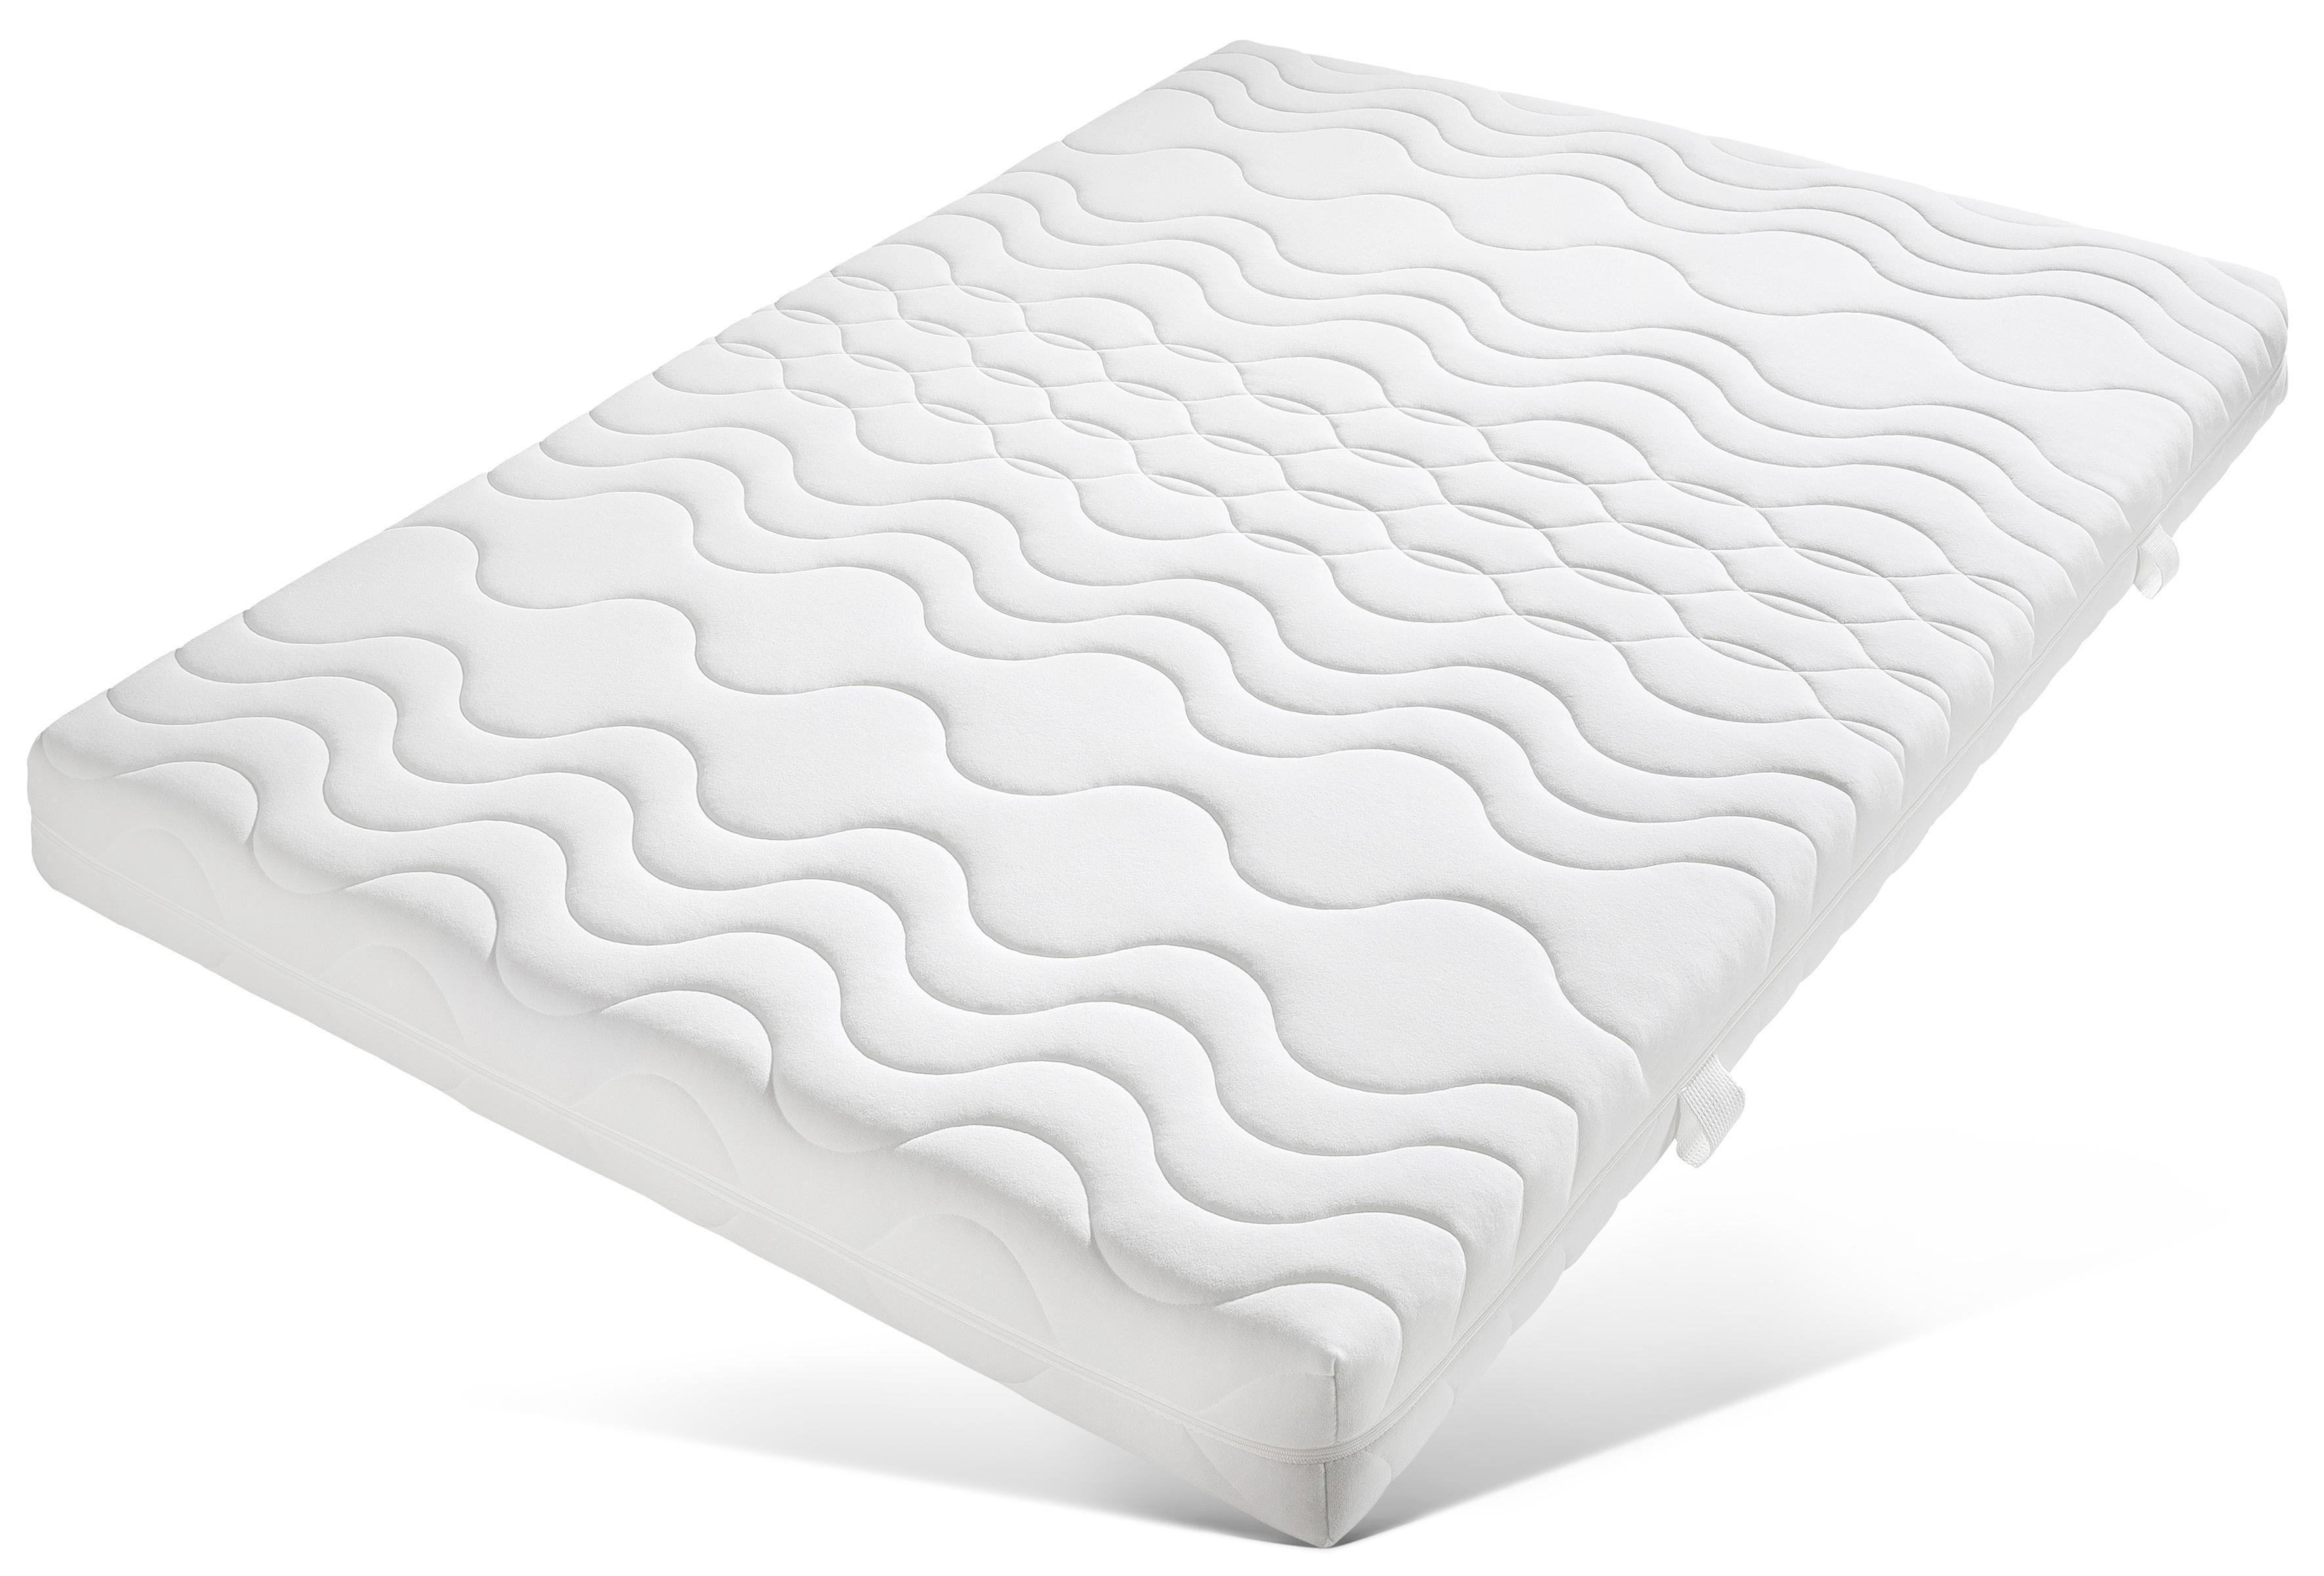 Komfortschaummatratze »Frottee KS«, Beco, 16 cm hoch, Raumgewicht: 28, (1-tlg) | Schlafzimmer > Matratzen > Kaltschaum-matratzen | Beco